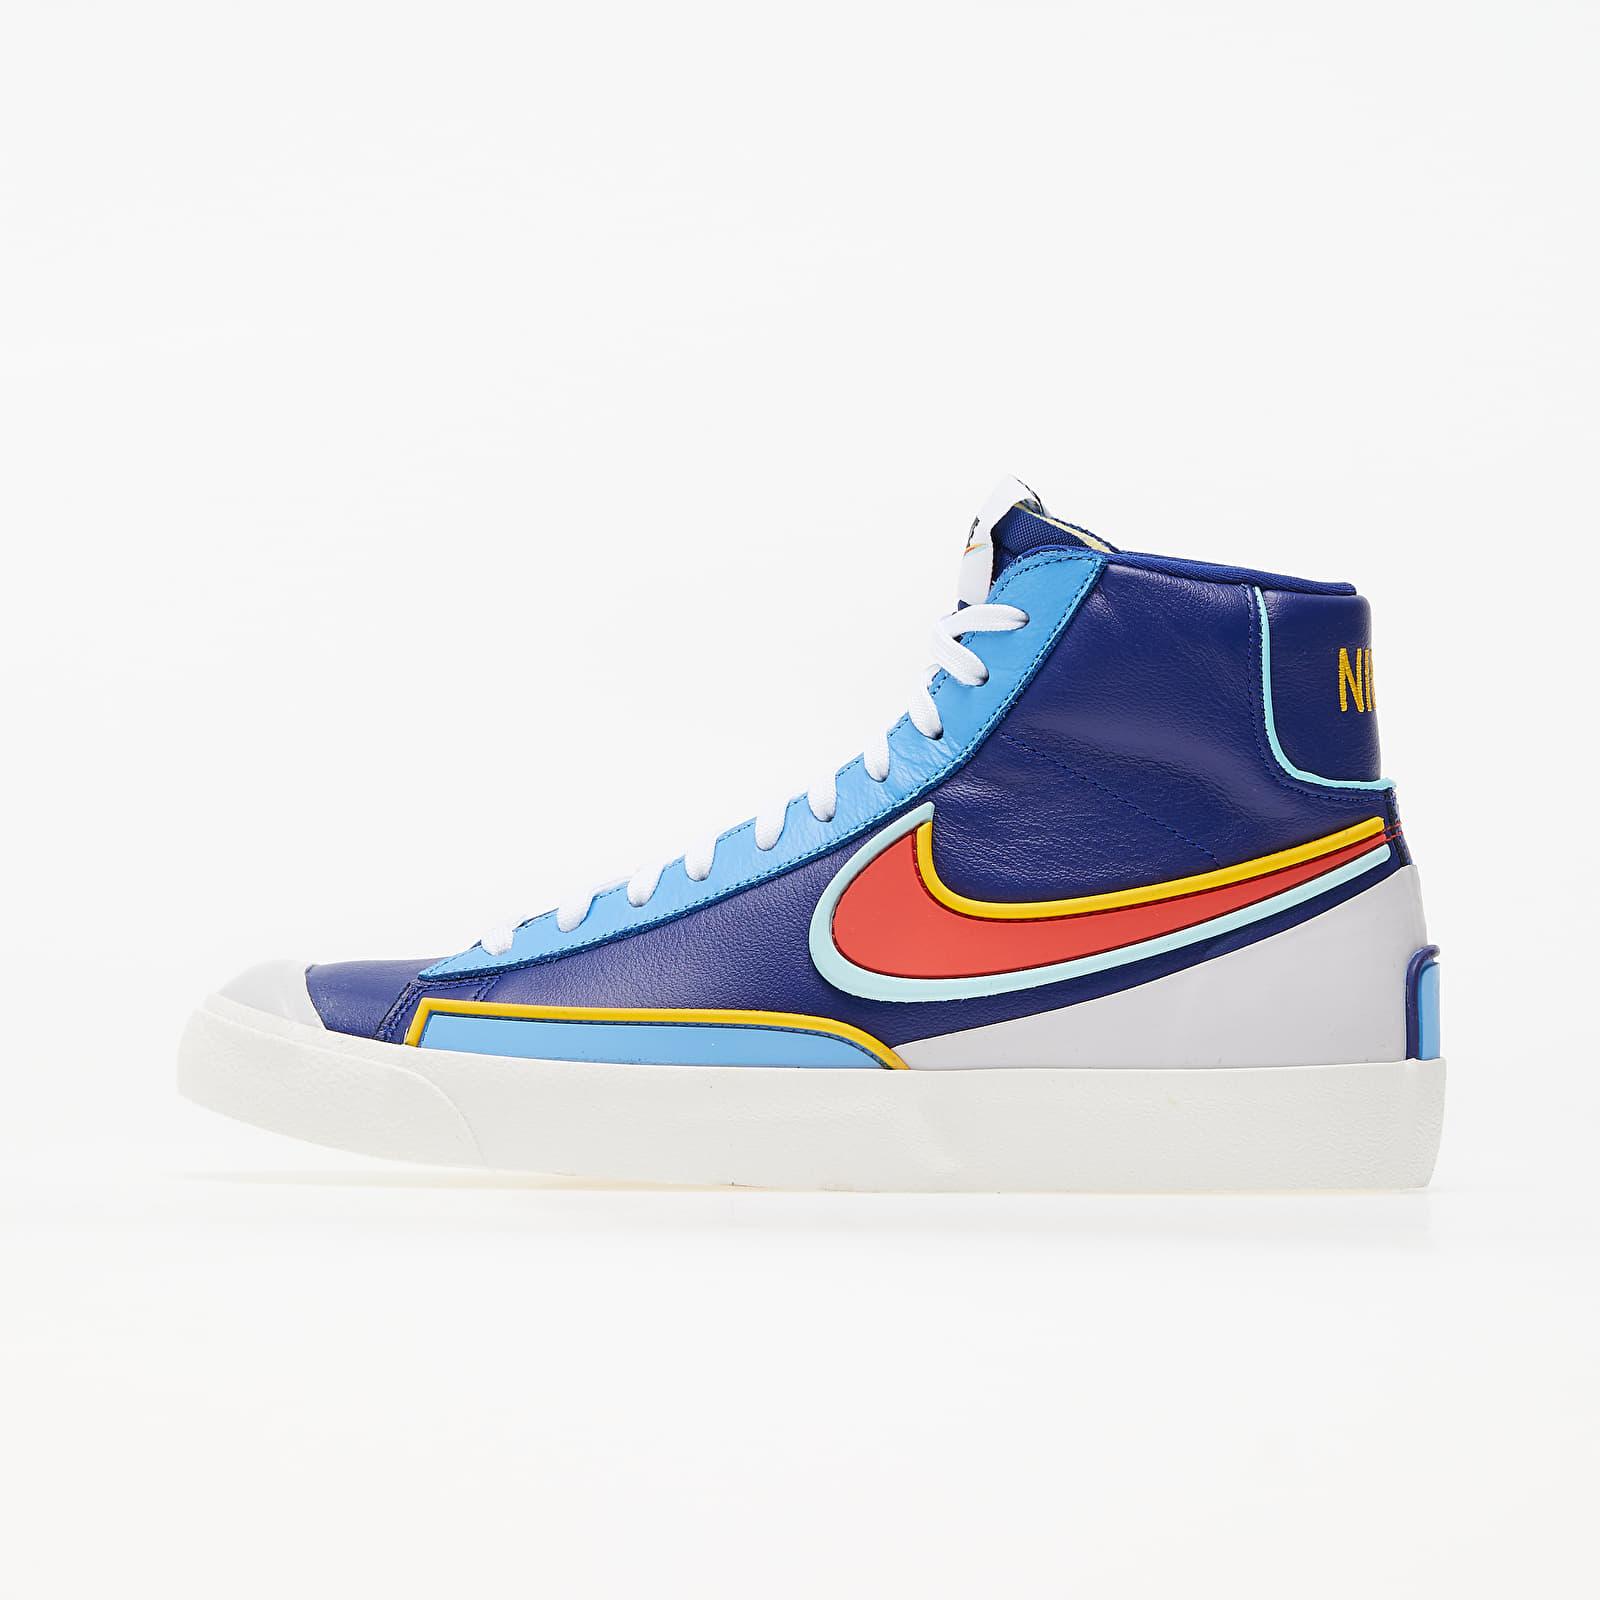 Încălțăminte și sneakerși pentru bărbați Nike Blazer Mid '77 Infinite Deep Royal Blue/ Chile Red-Copa